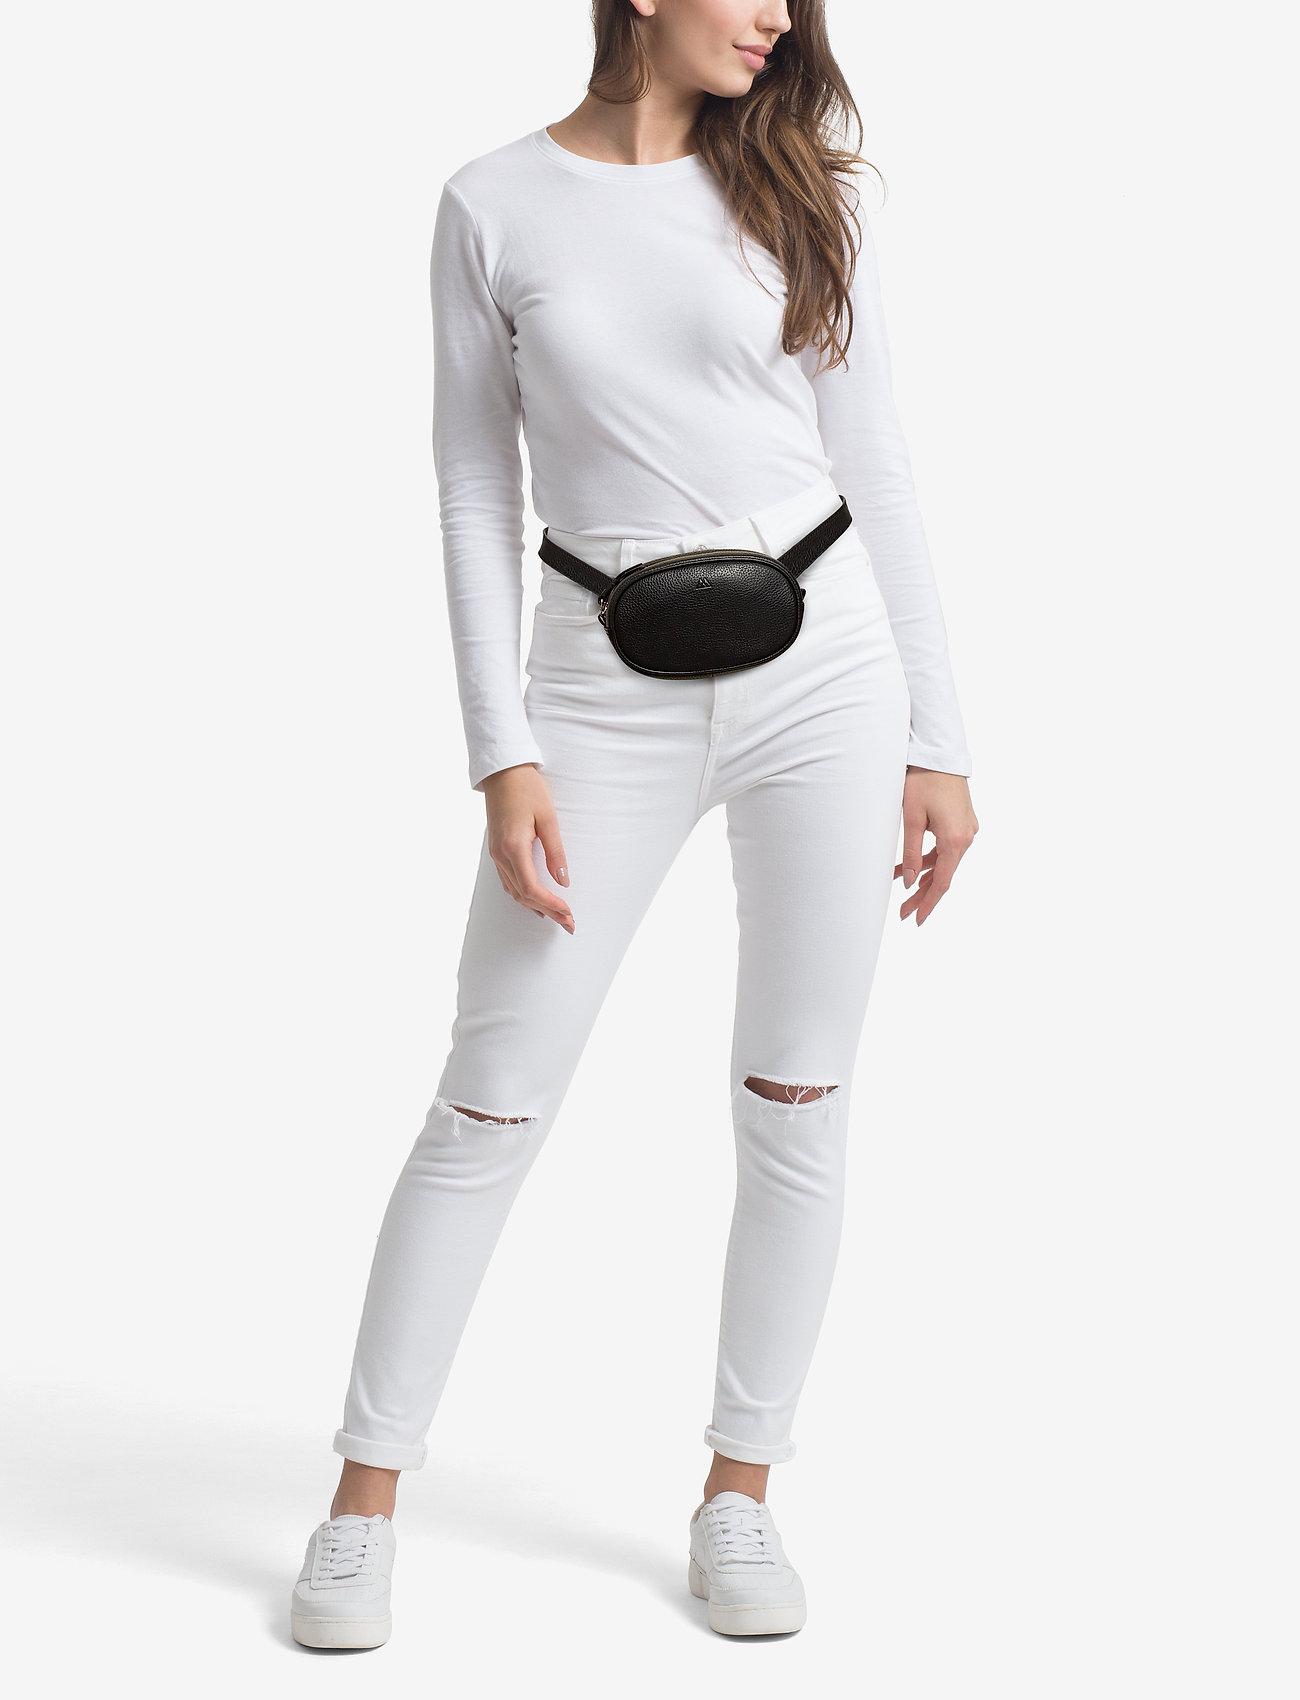 Markberg Eloise Bum Bag, Grain - BLACK